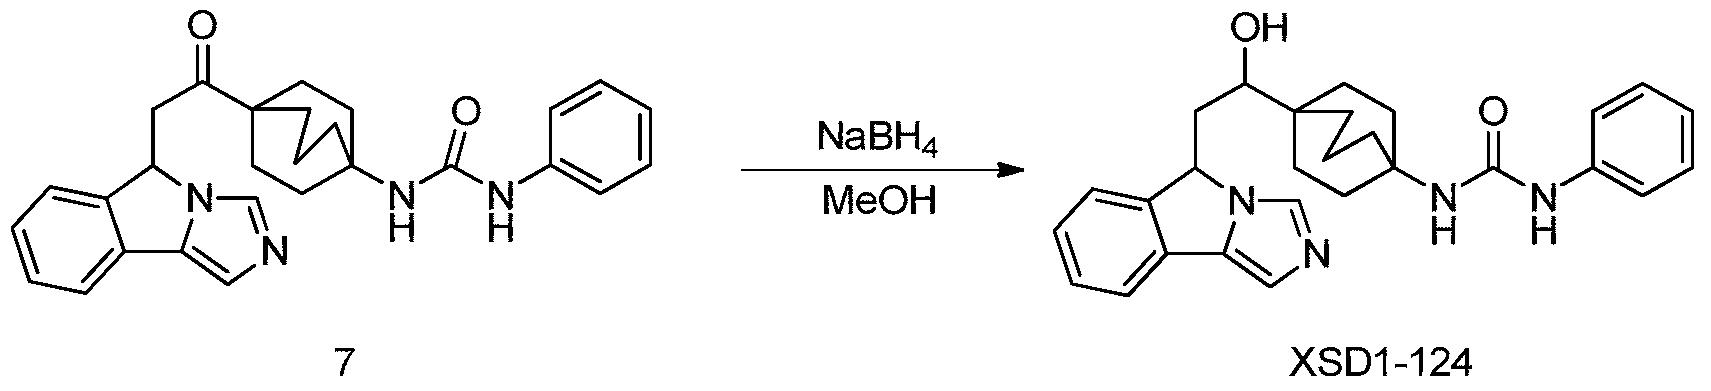 Figure PCTCN2017084604-appb-000161